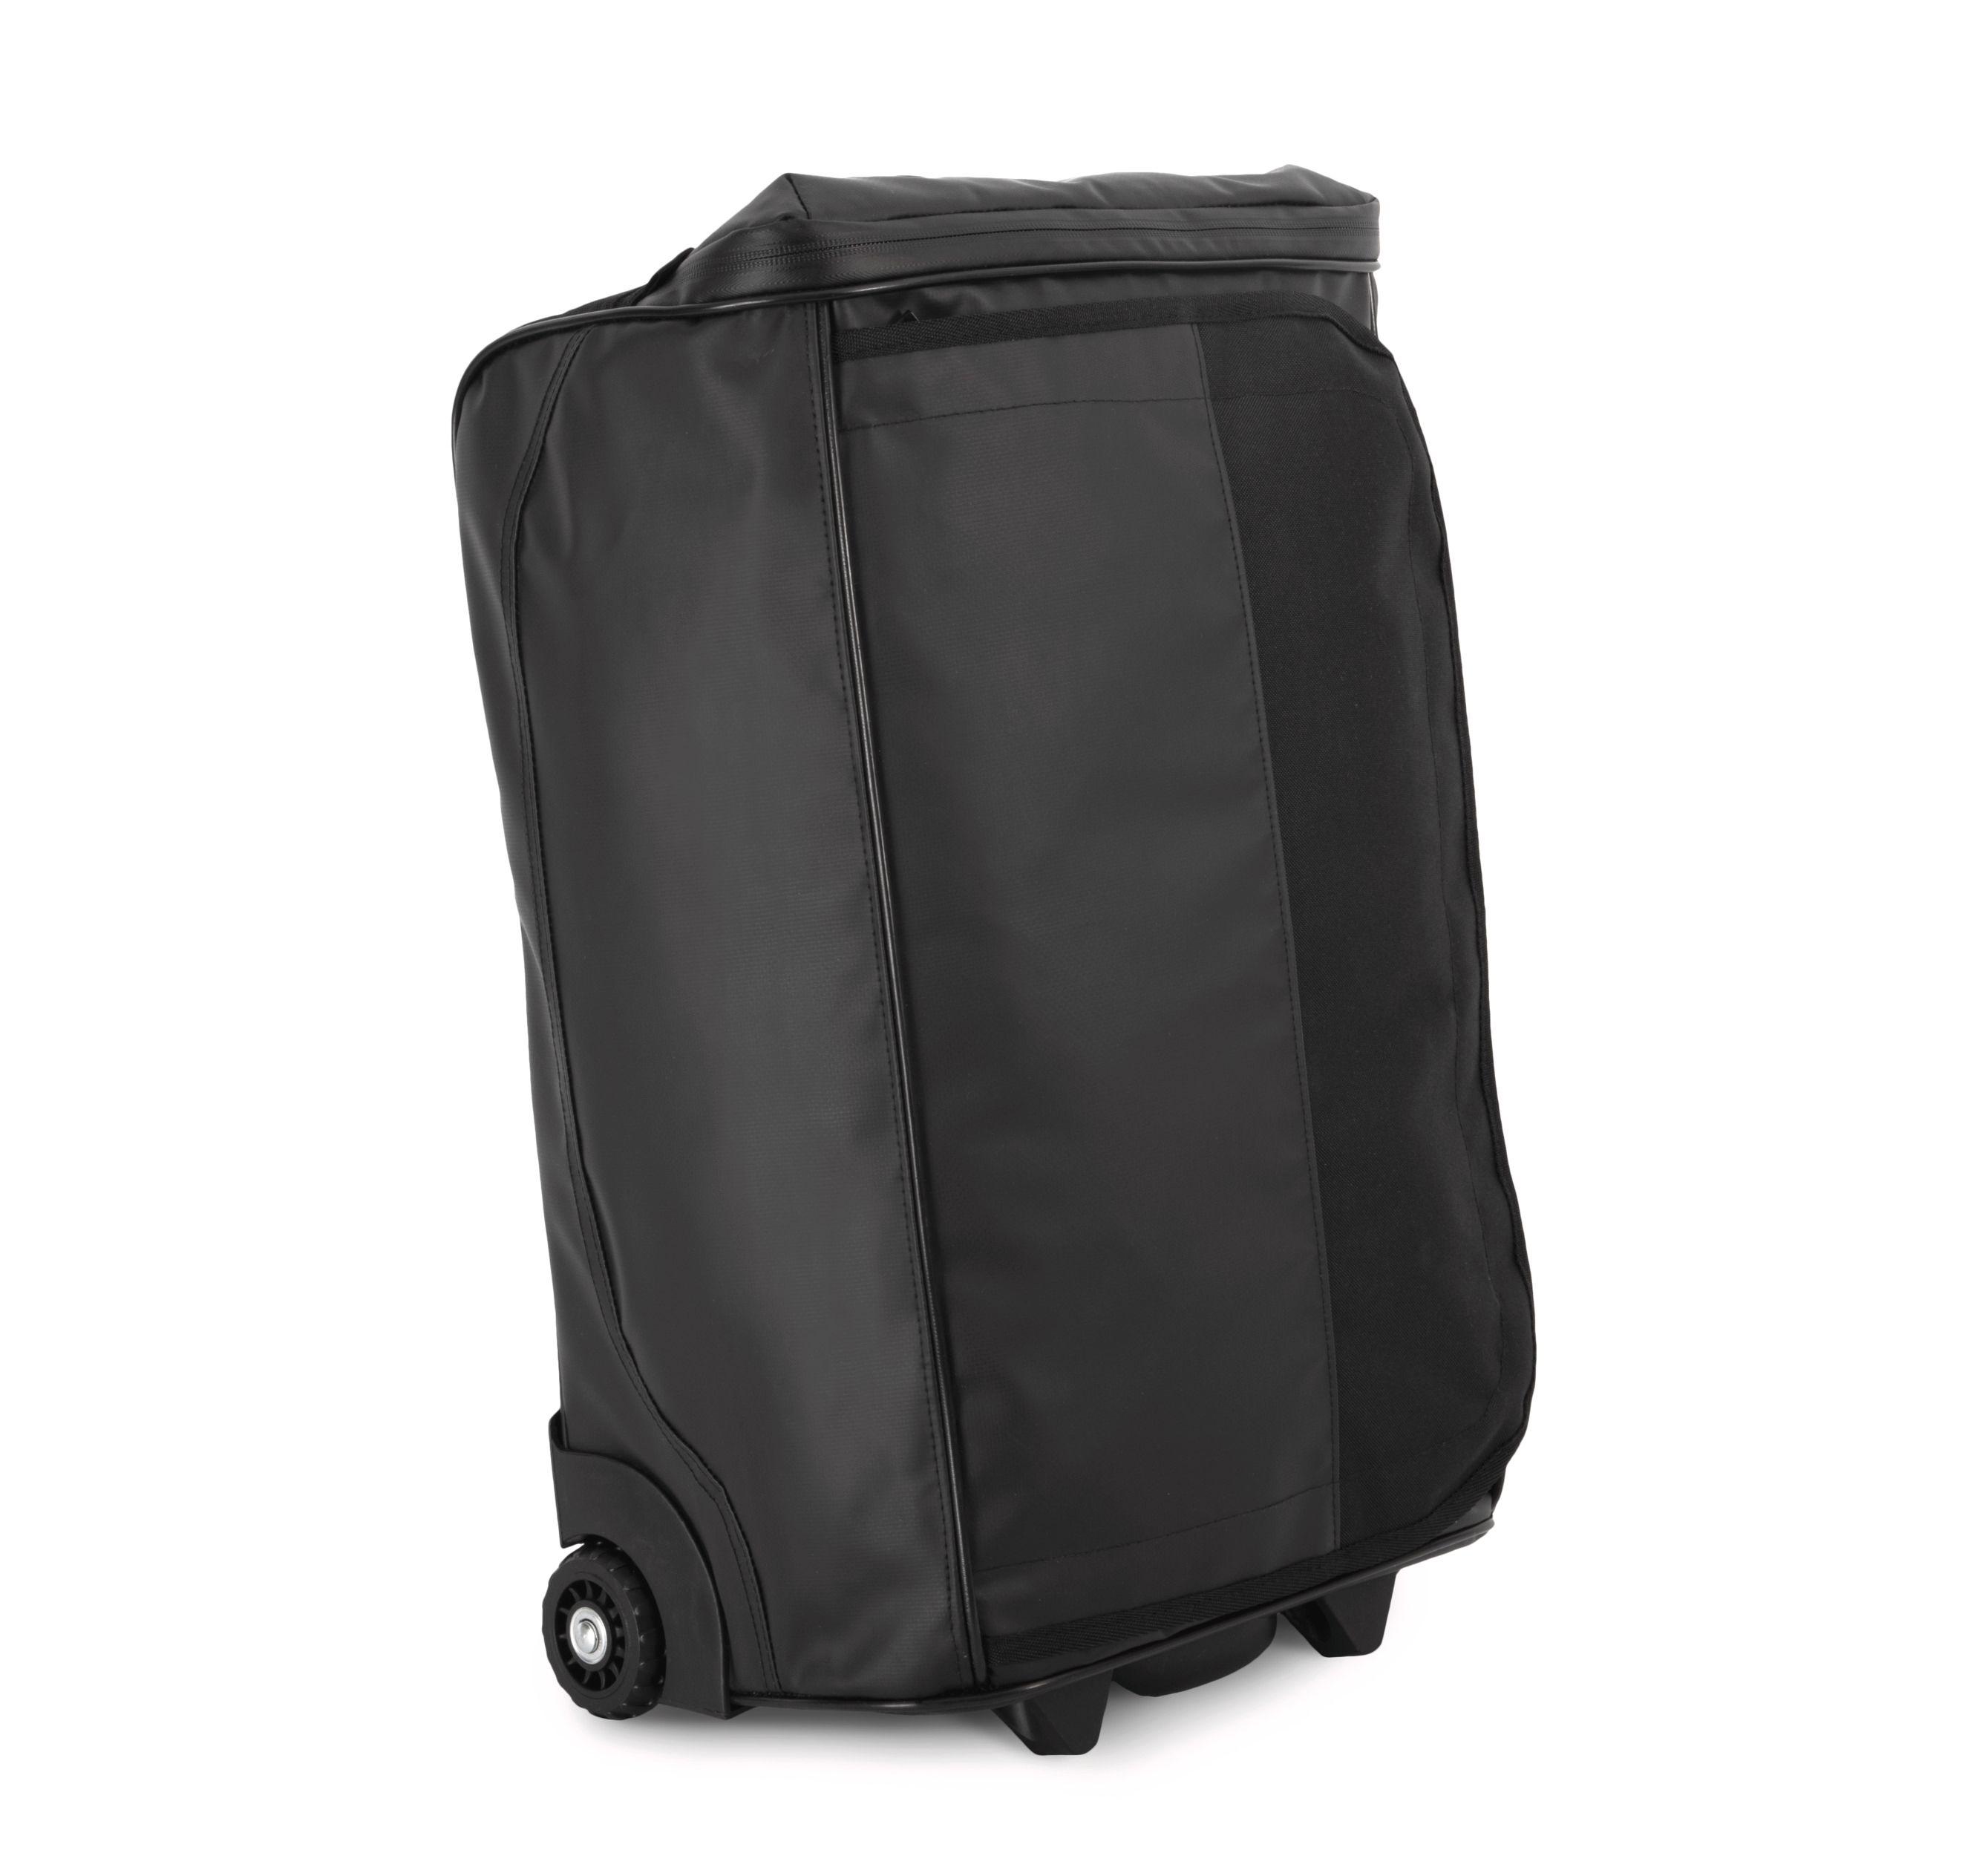 Vodotìsná taška na koleèkách - zvìtšit obrázek